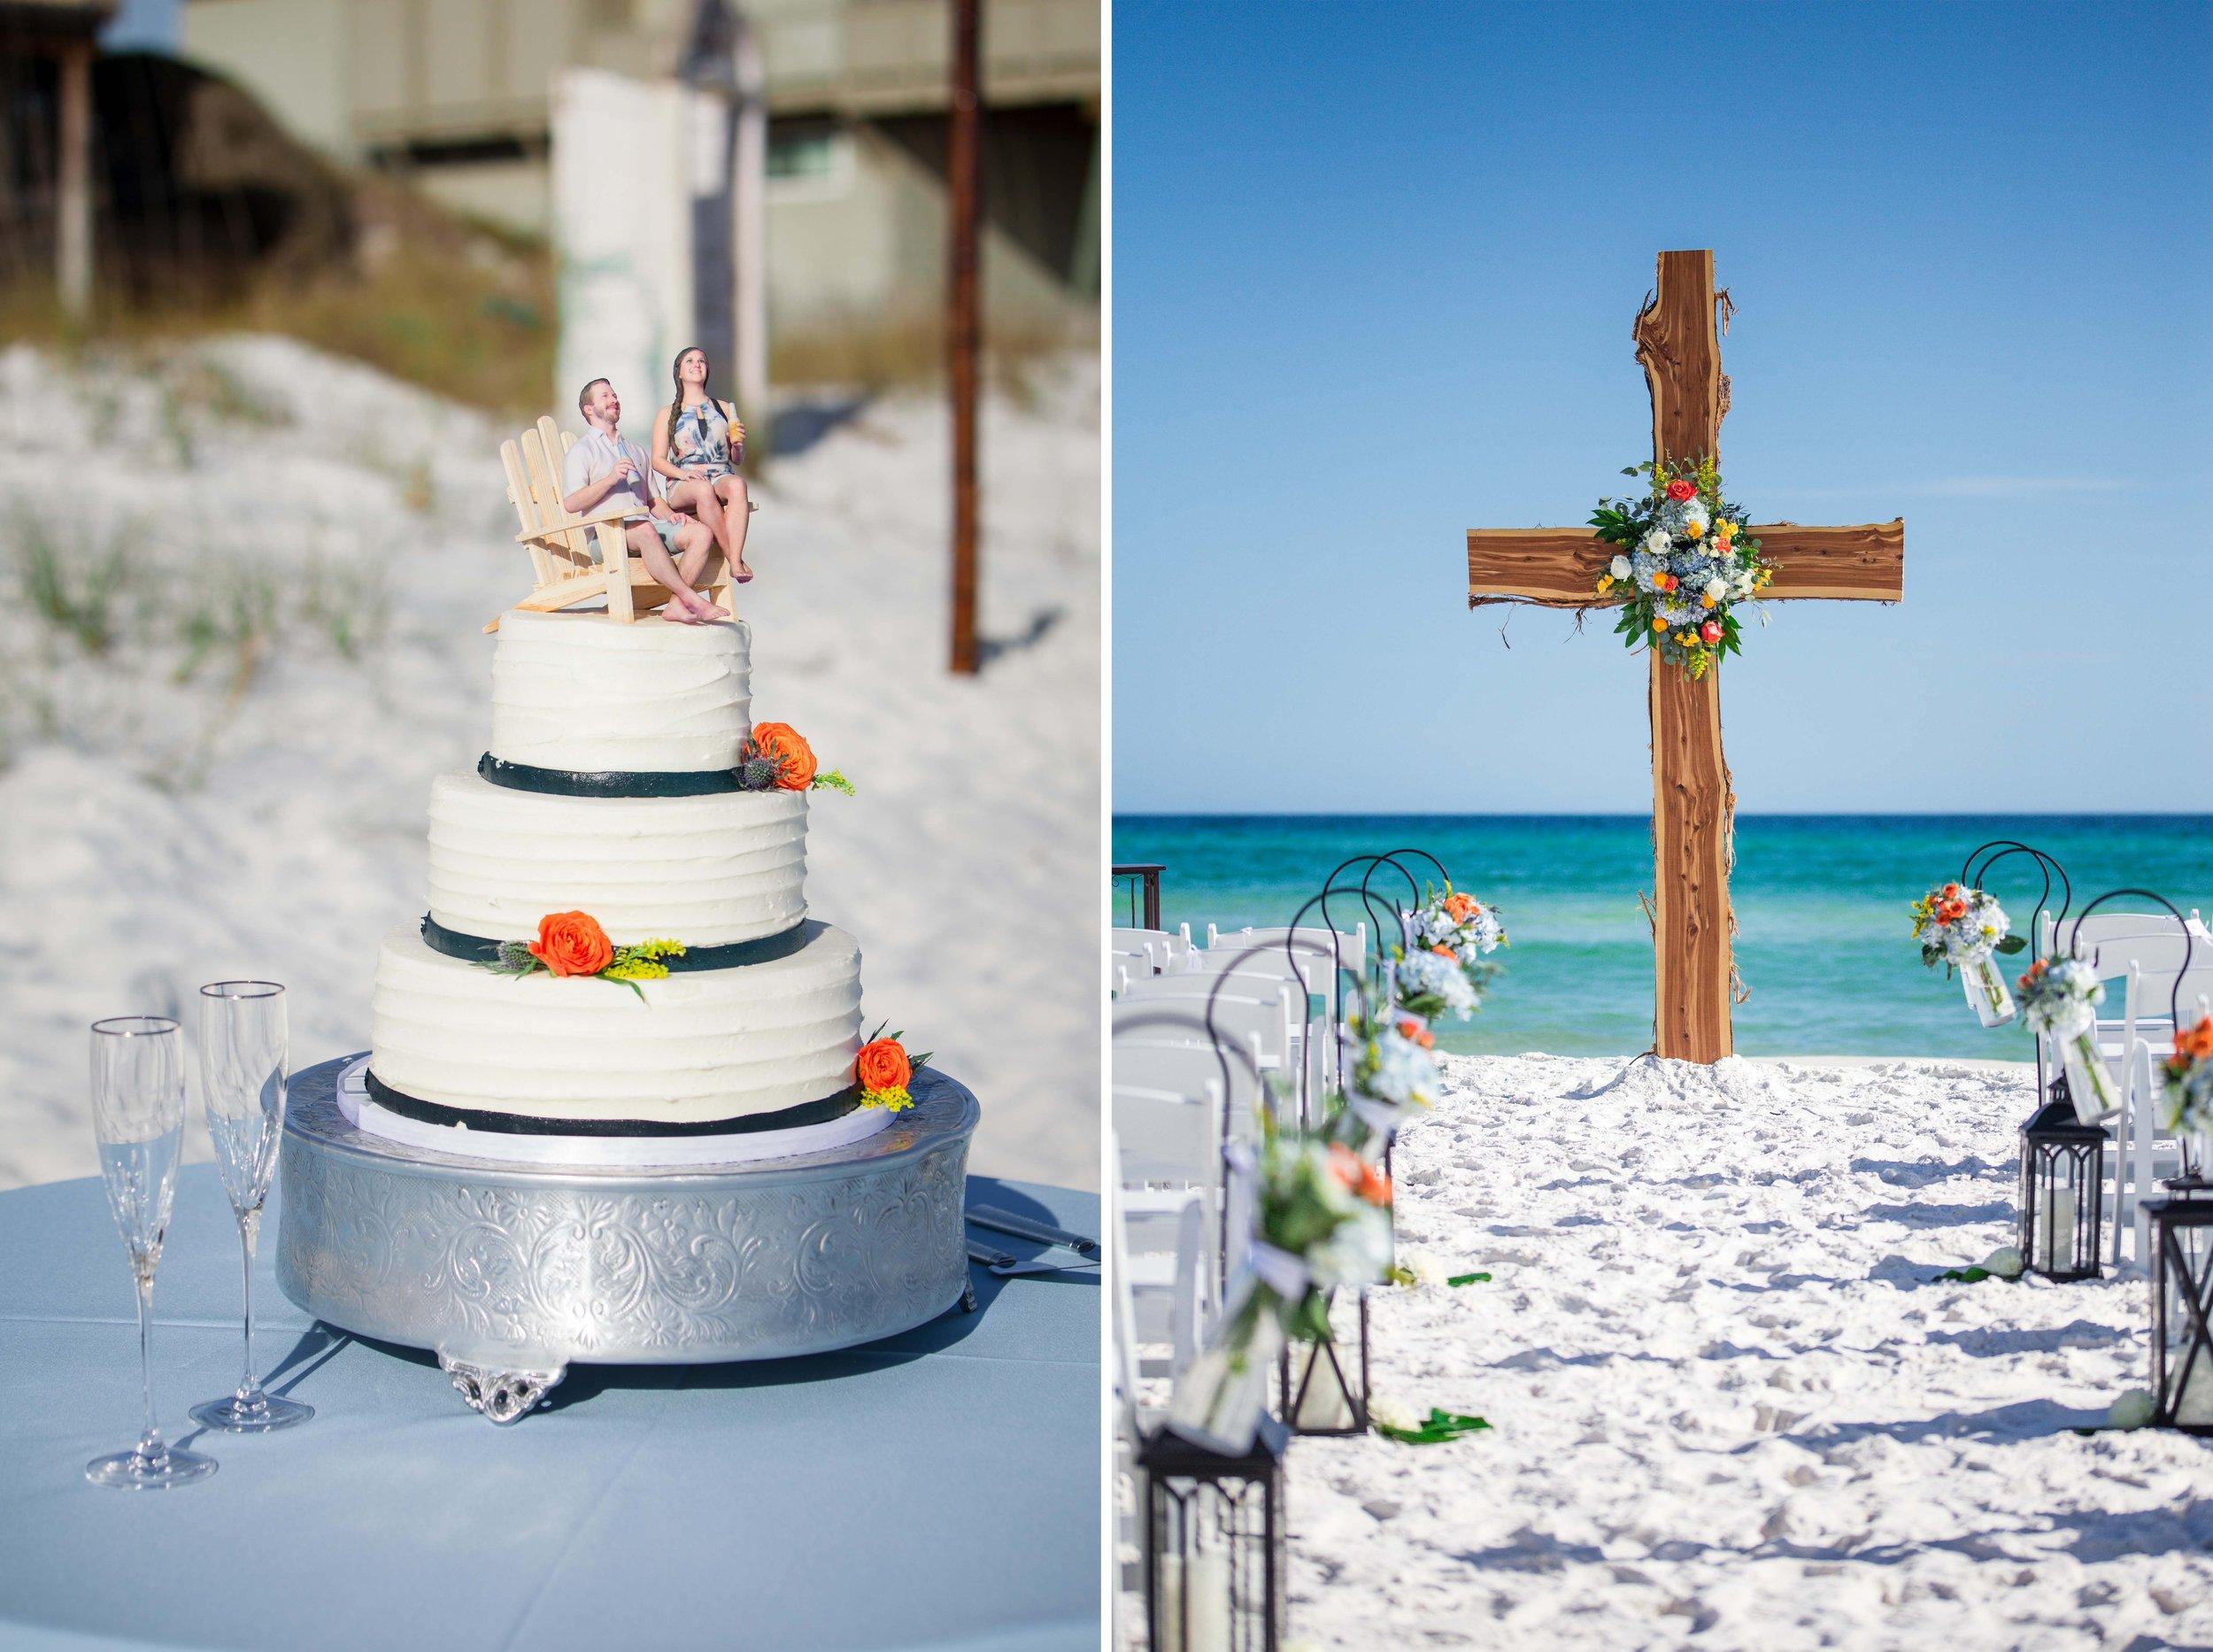 30a-Destin-Florida-Wedding-Photography-Caydee-Matt_01.jpg